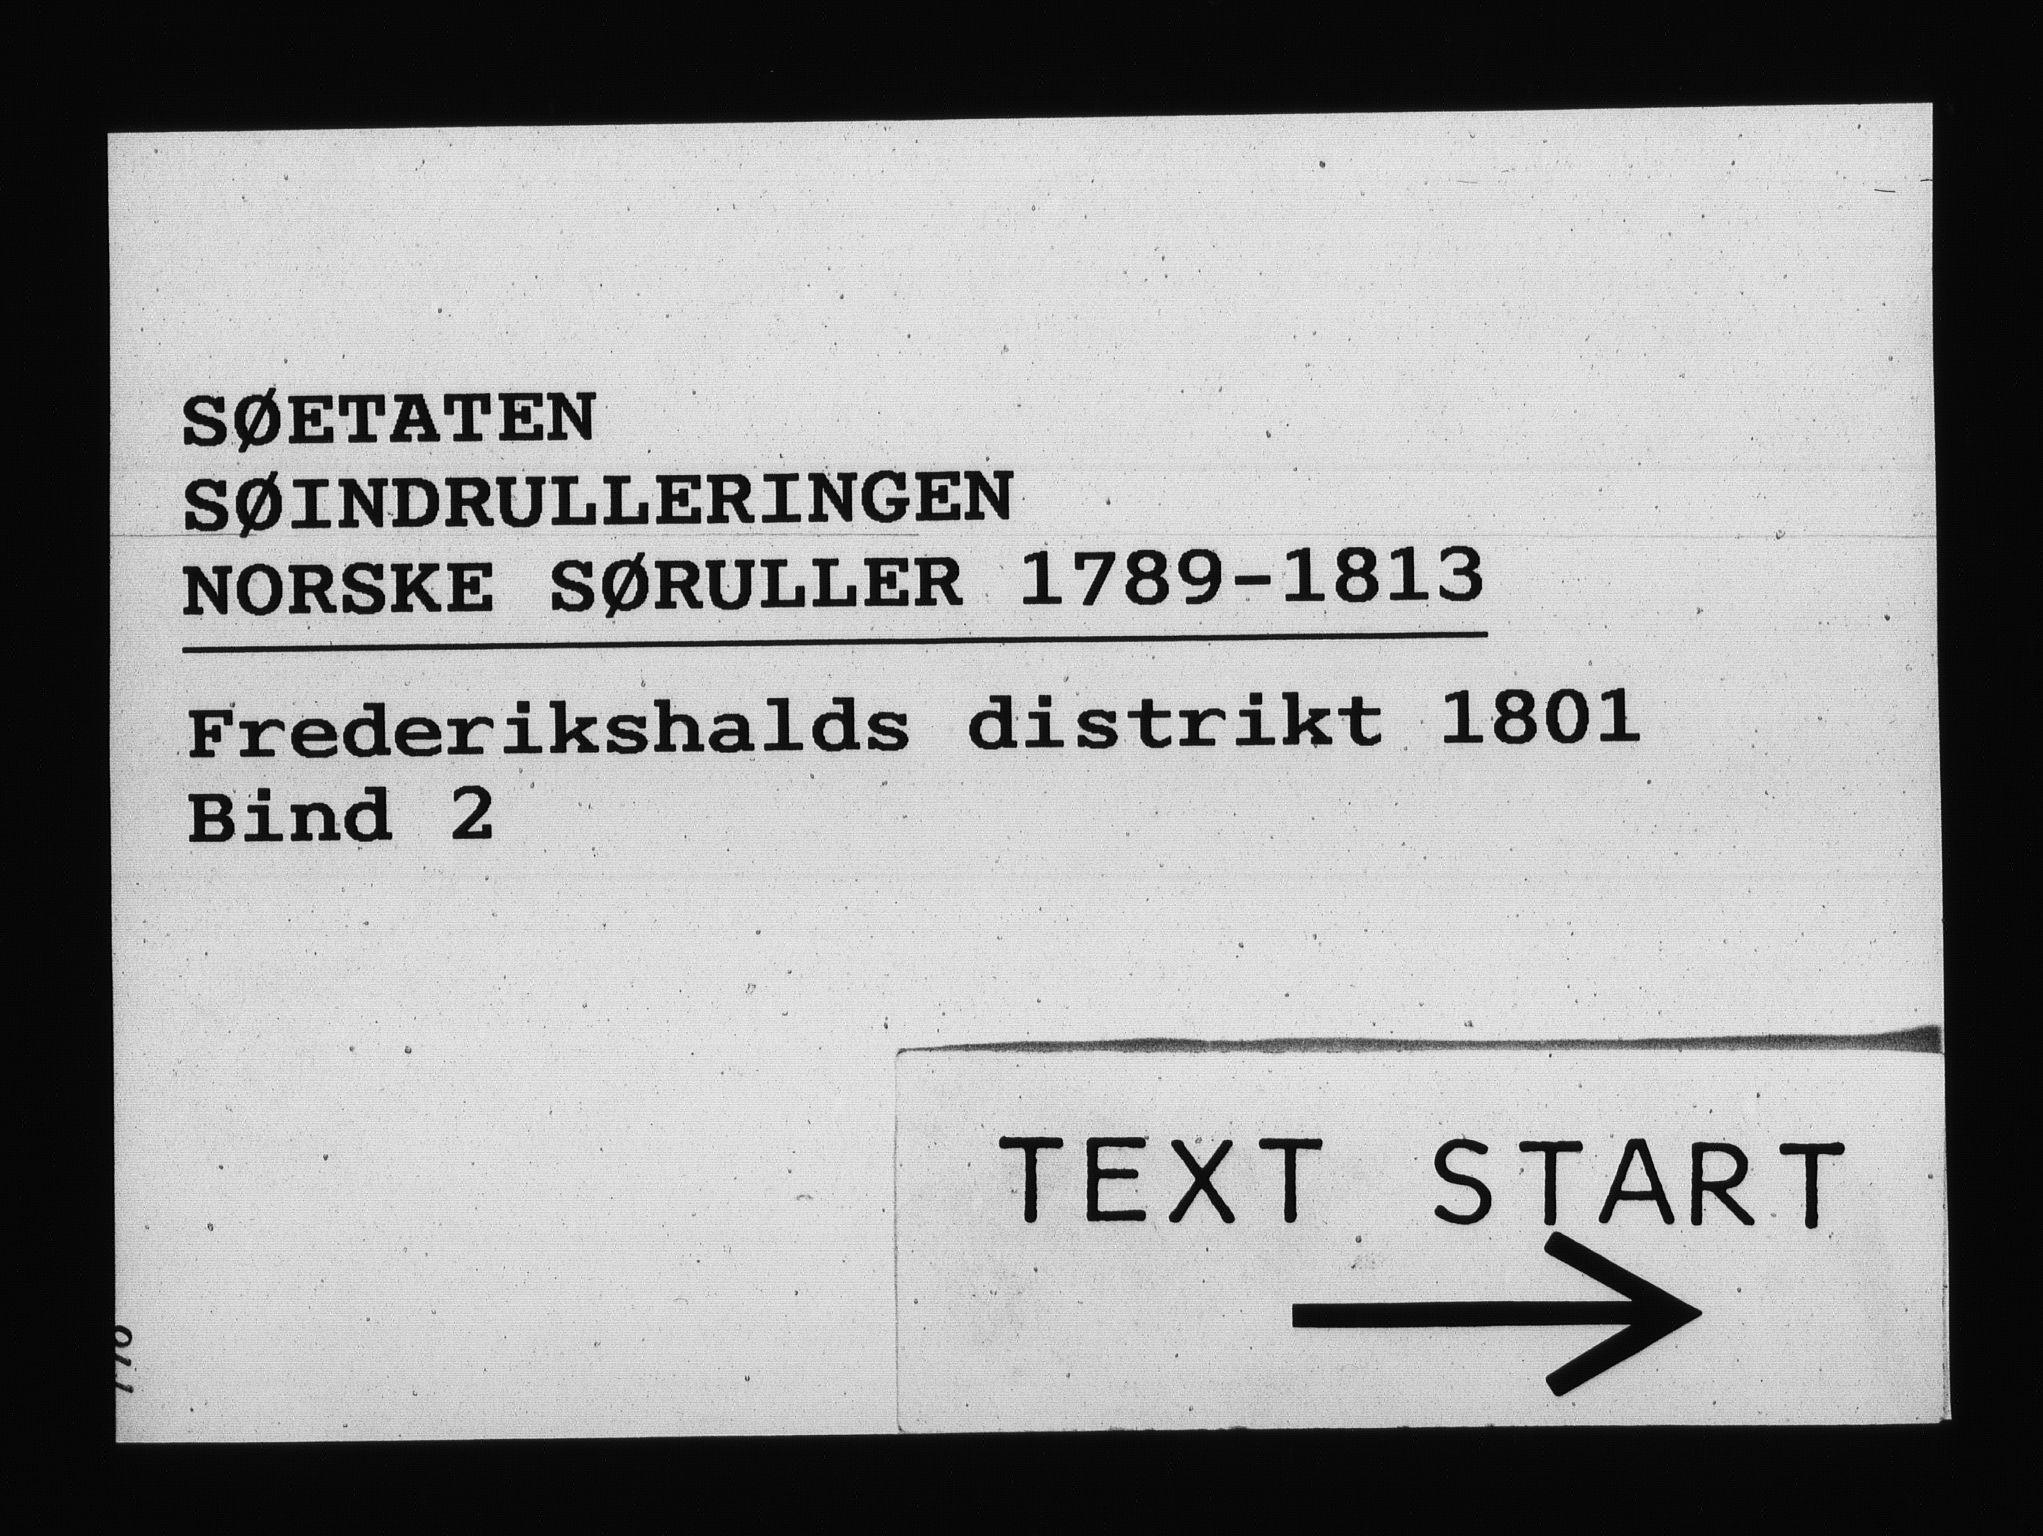 RA, Sjøetaten, F/L0191: Fredrikshalds distrikt, bind 2, 1801